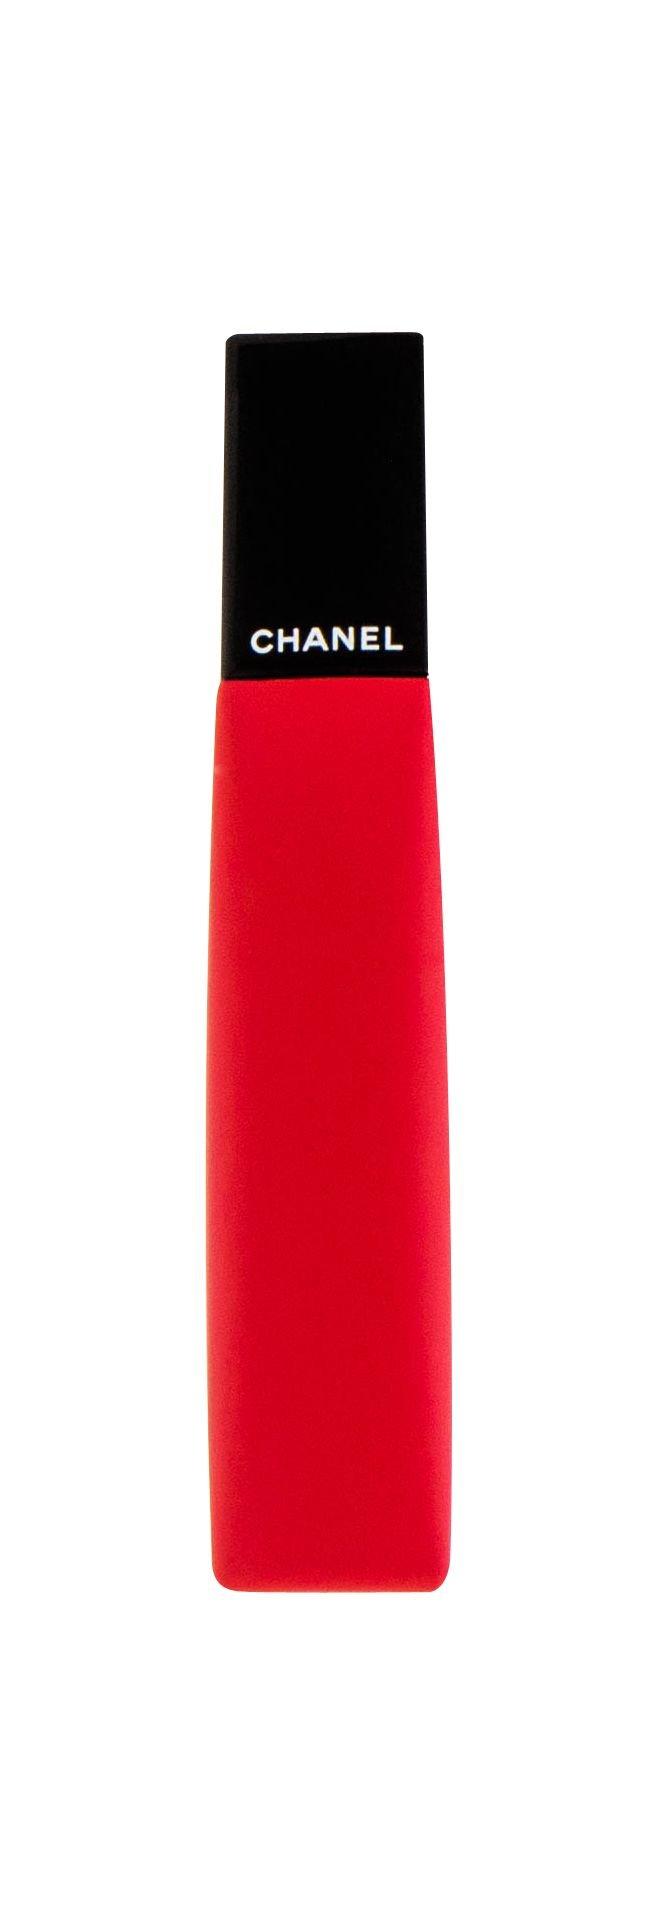 Chanel Rouge Allure Lipstick 9ml 956 Invincible